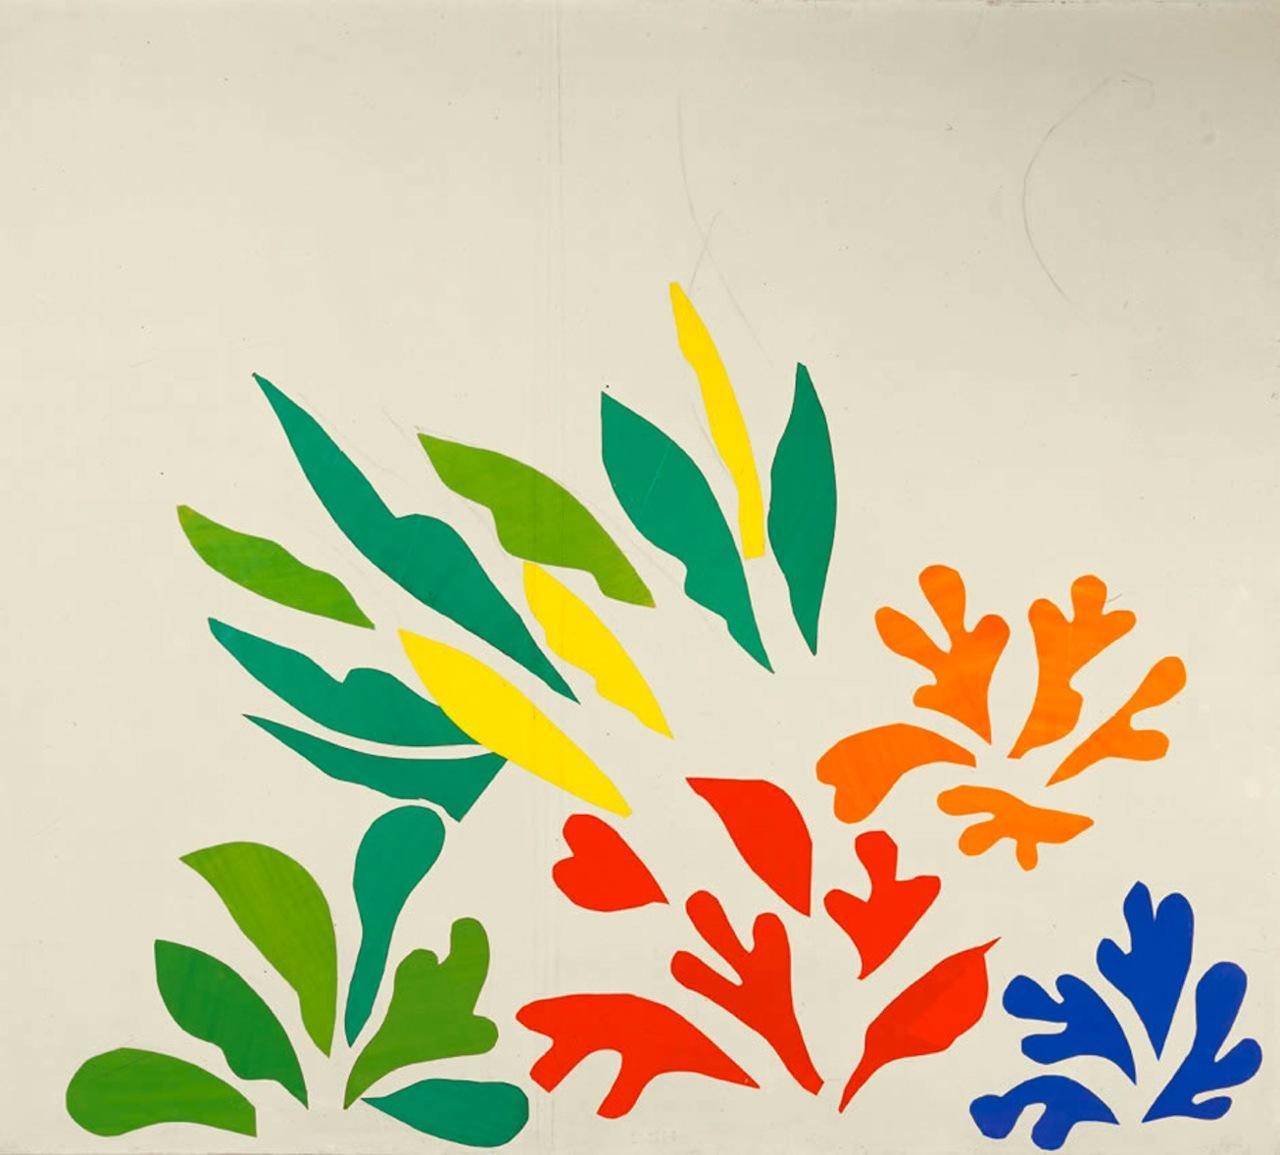 Fabuleux Vent de fleurs grâce à Matisse - Mitsouko au CP DQ51